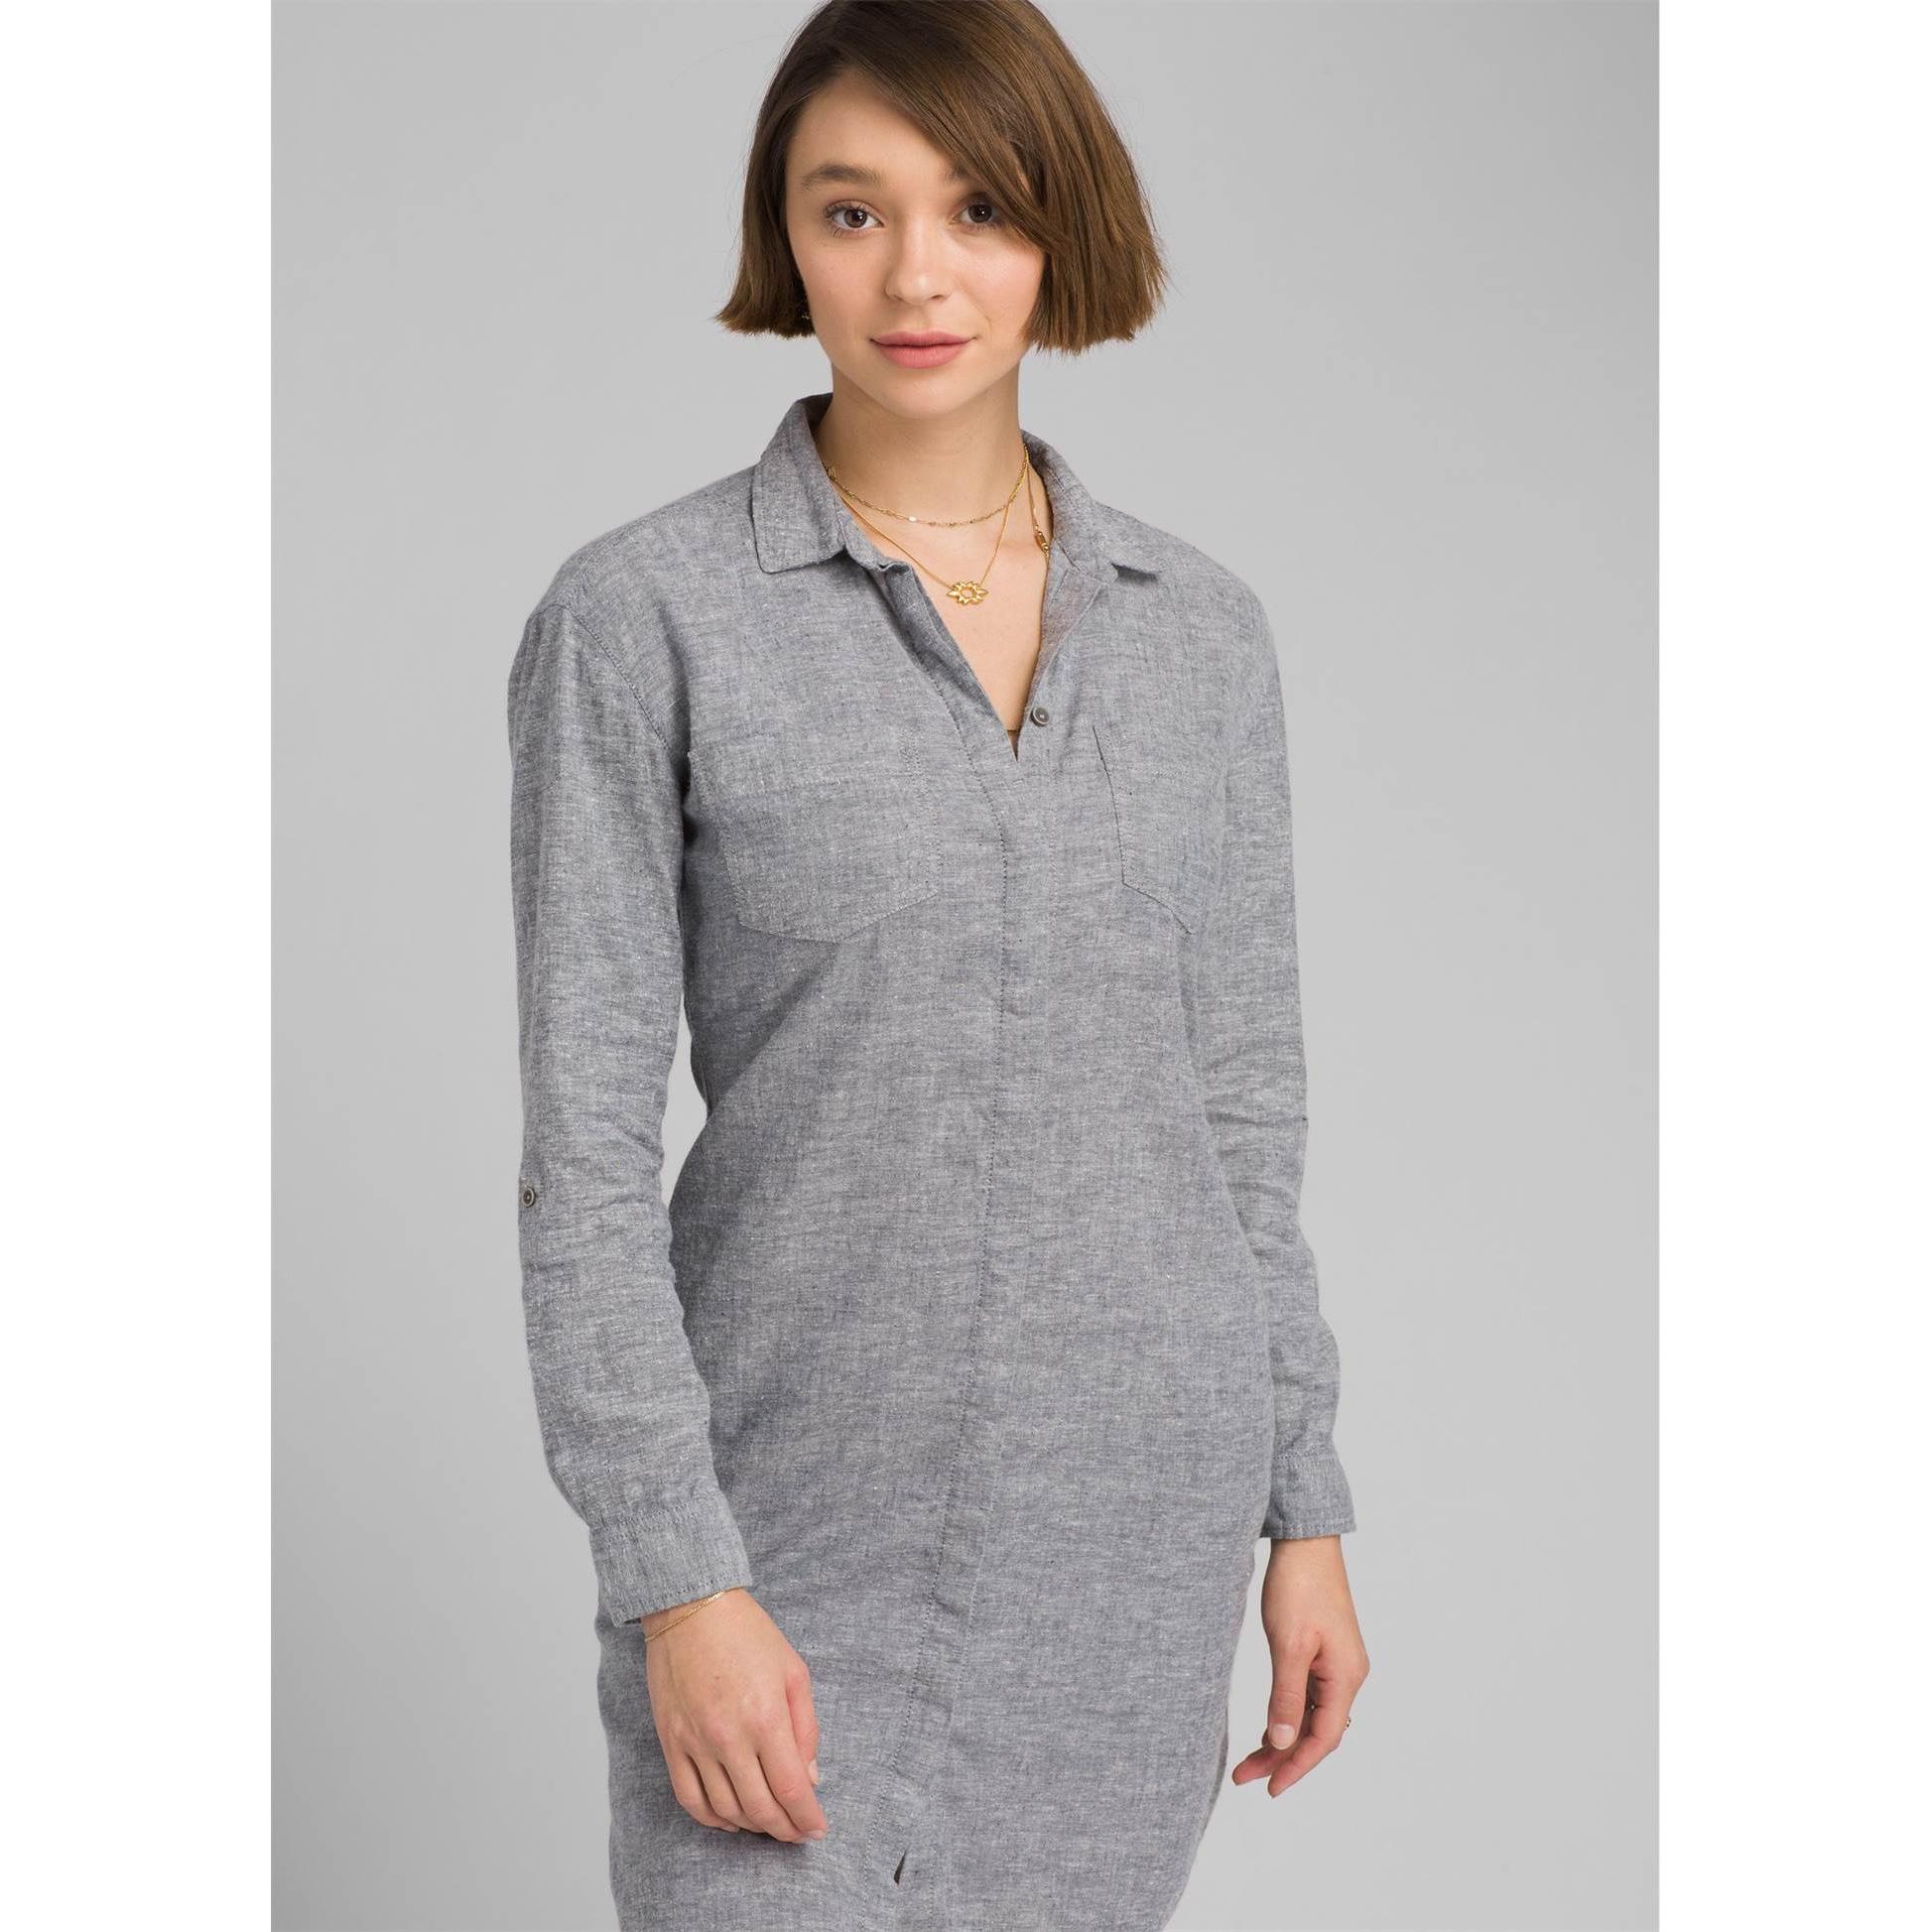 La Noa Dress -  Women's